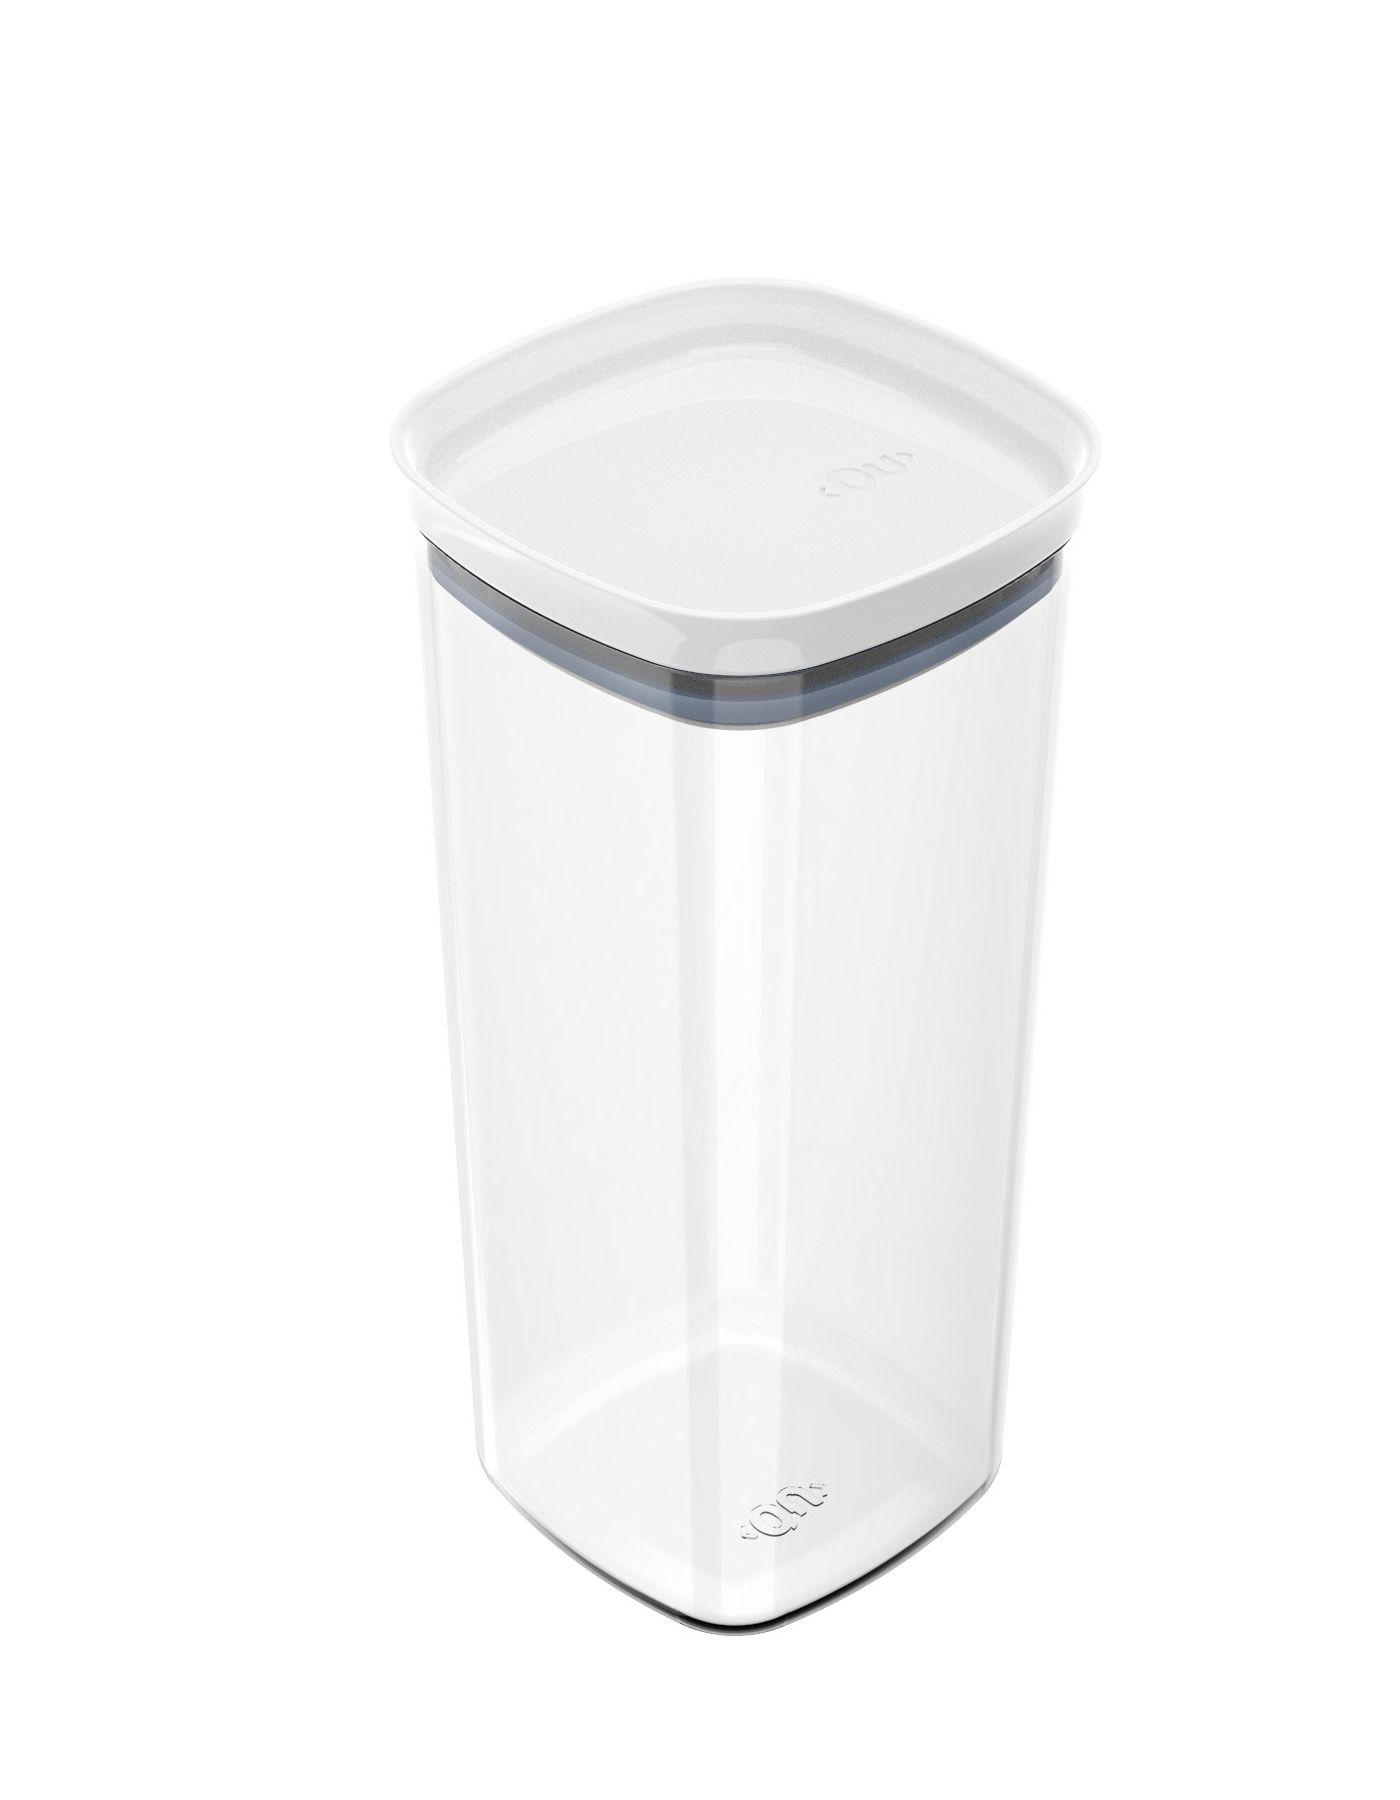 Pote Organizador Hermético Quadrado Block 1,5 Litros Branco - Ou